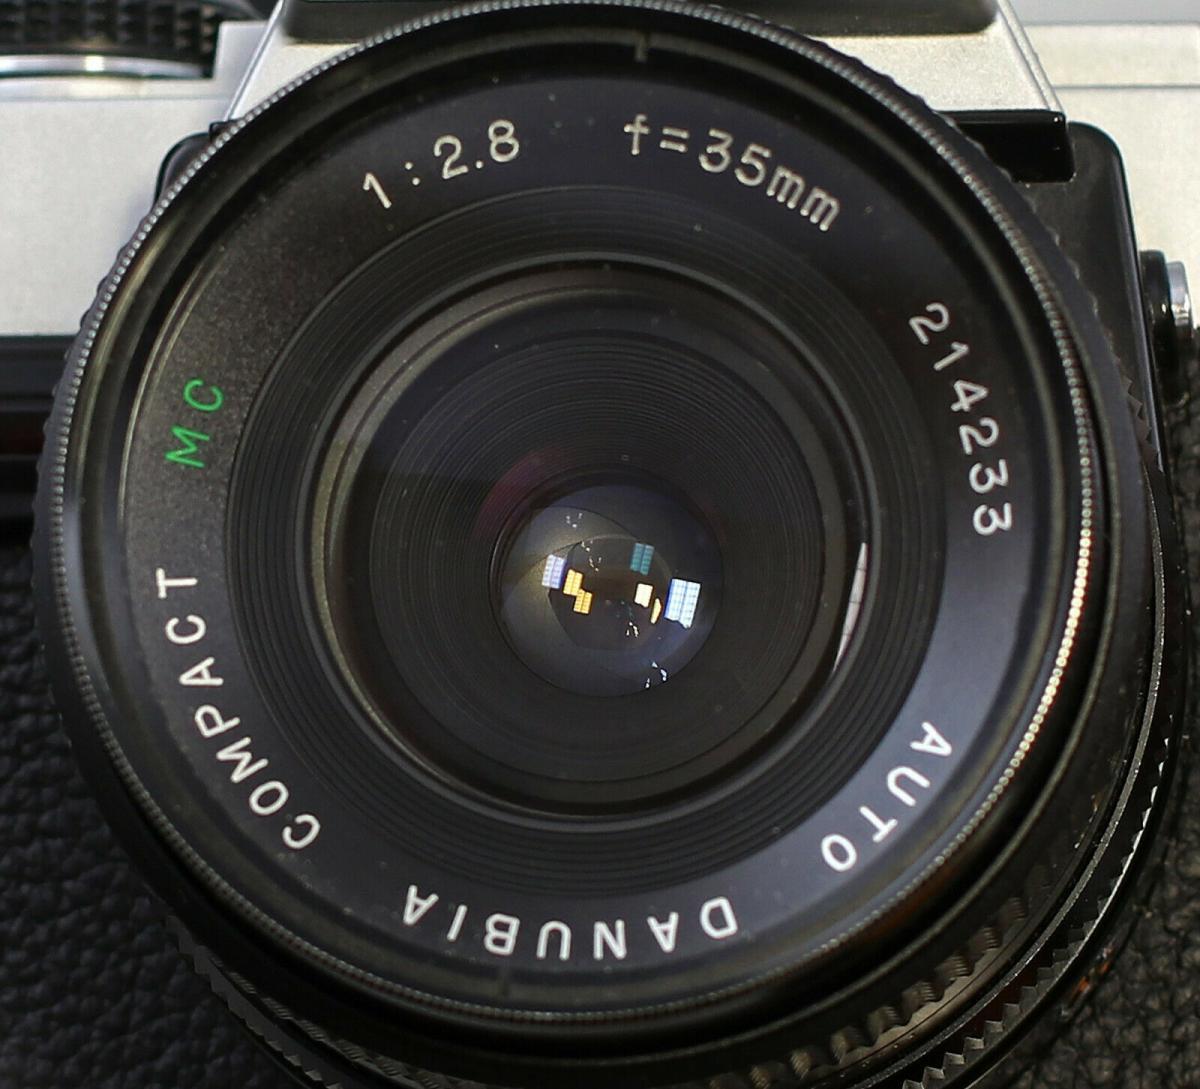 8470006 Spiegelreflexkamera Minolta XG-1 mit Zubehör 3 Objektive Tokina Foto 2